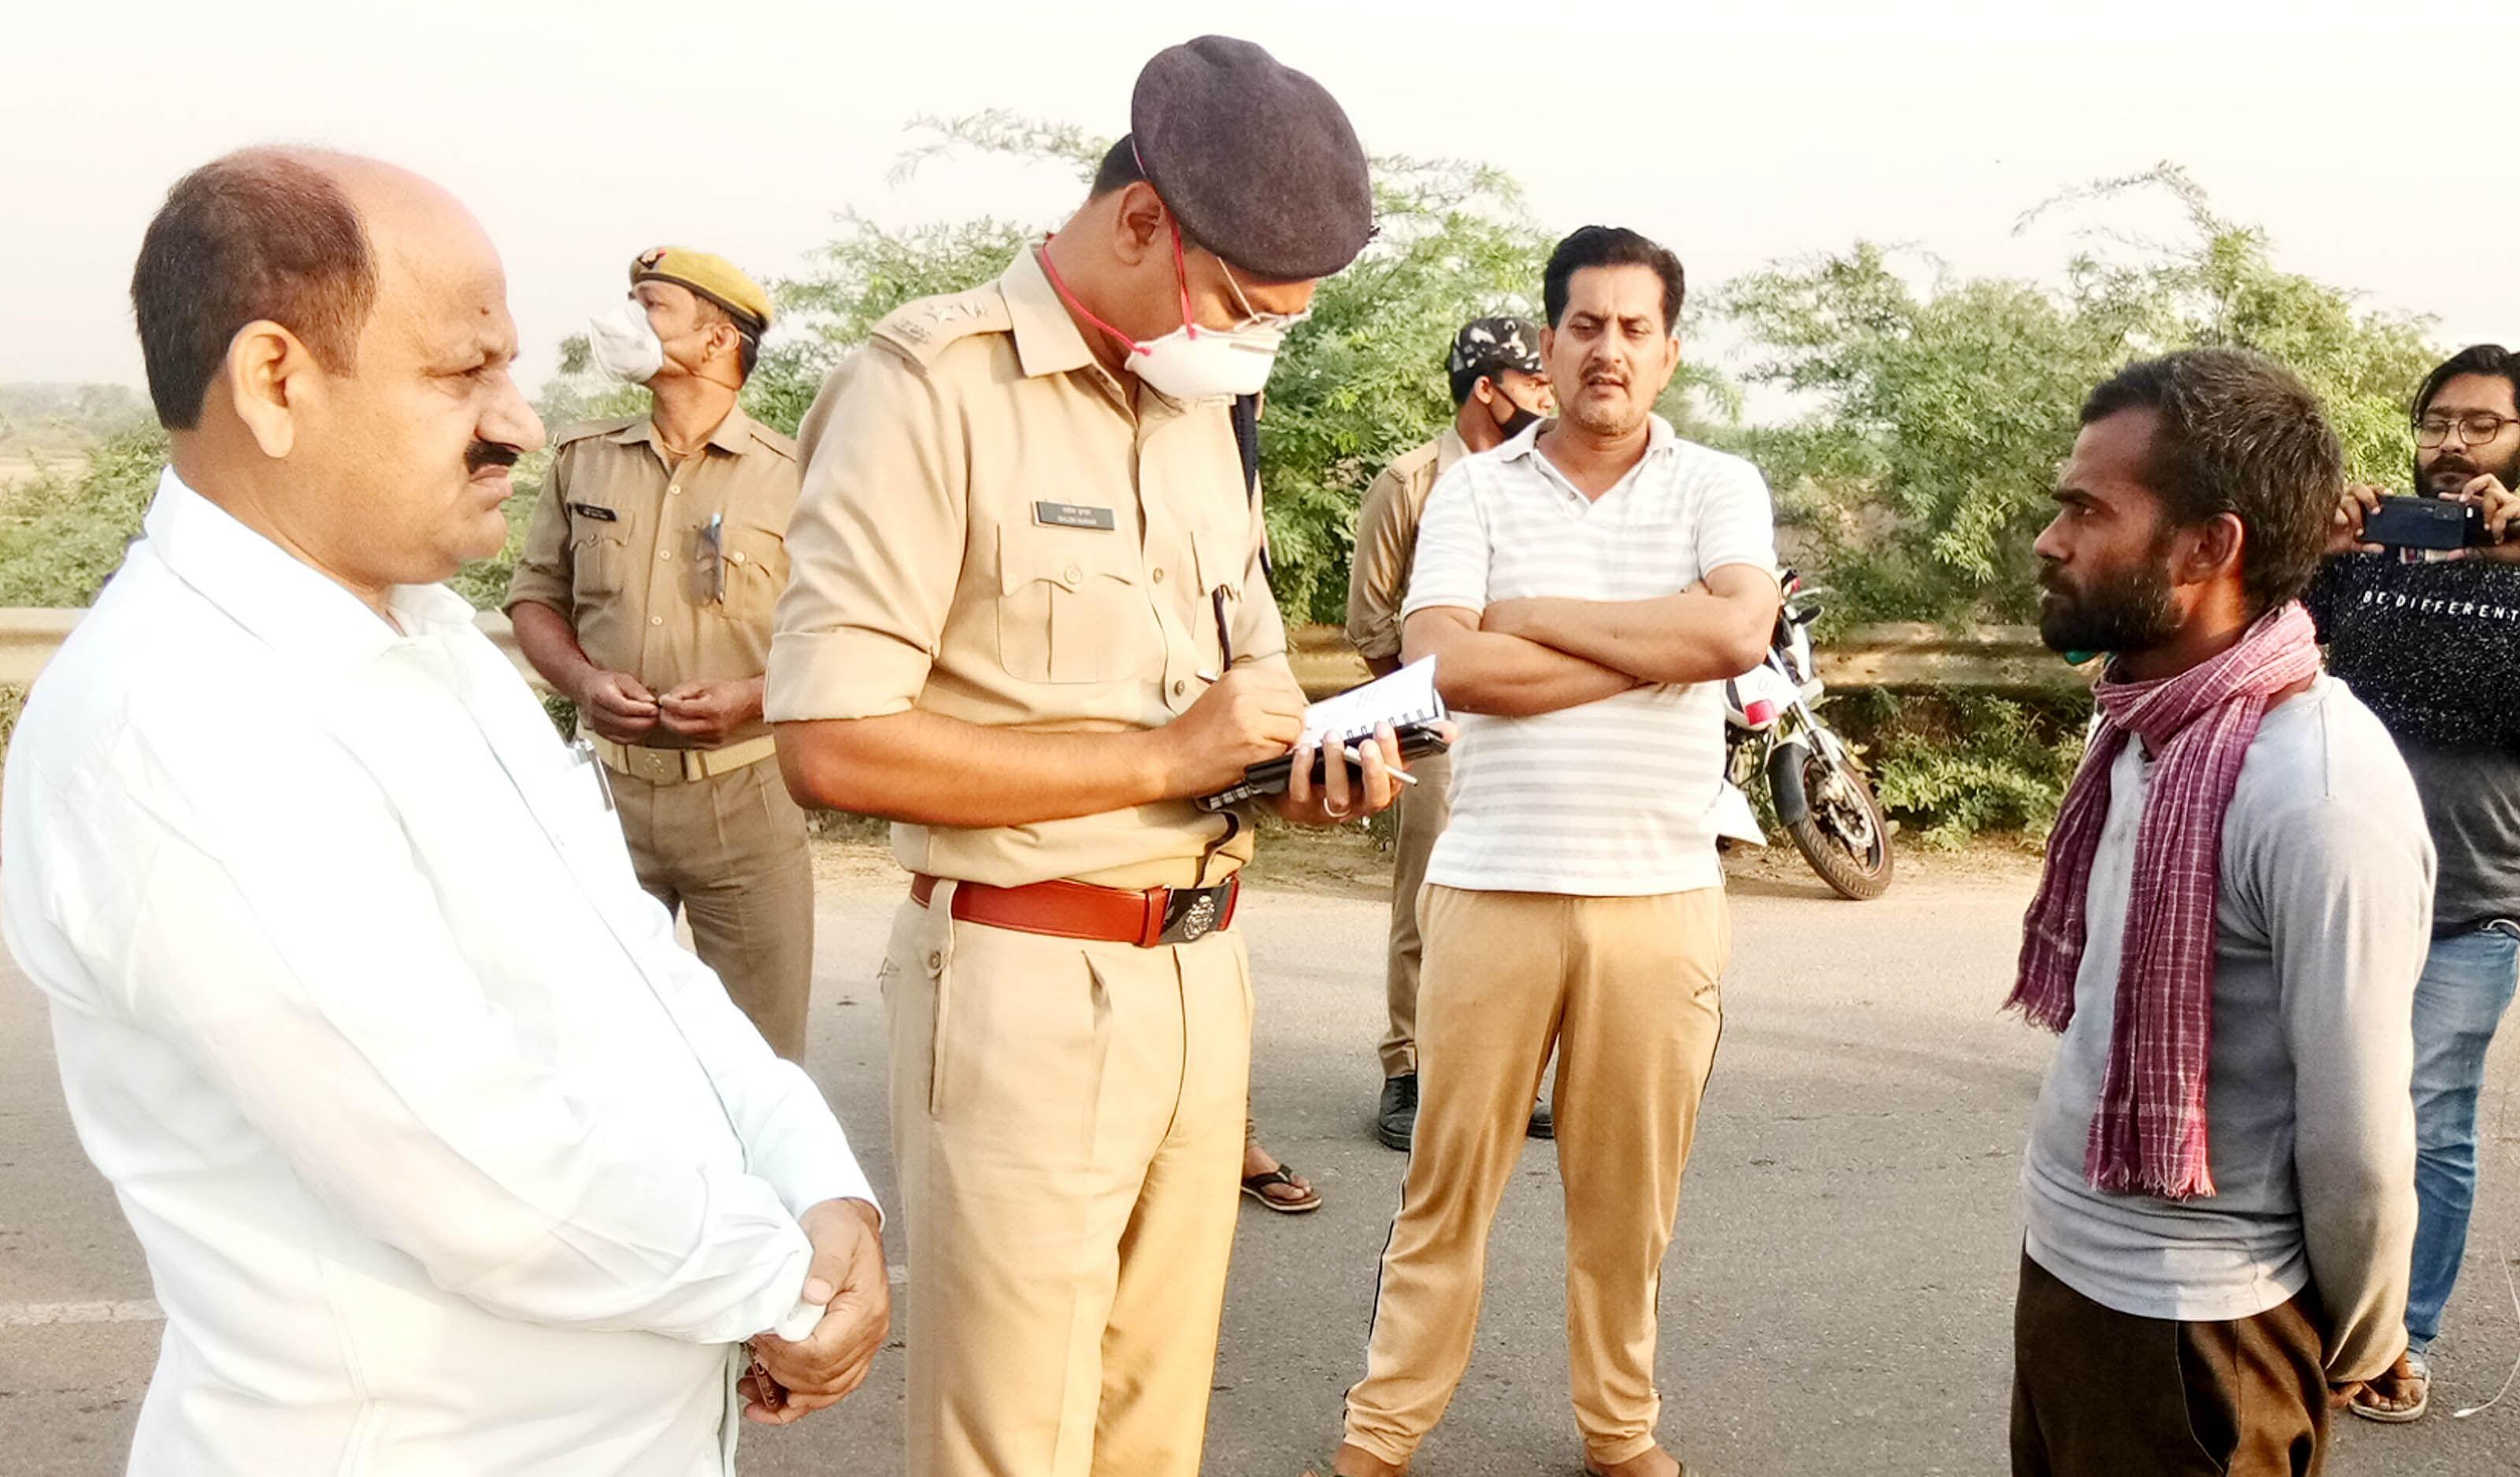 घटना स्थल पर बस चालक से जानकारी लेते डीएम व एसपी।